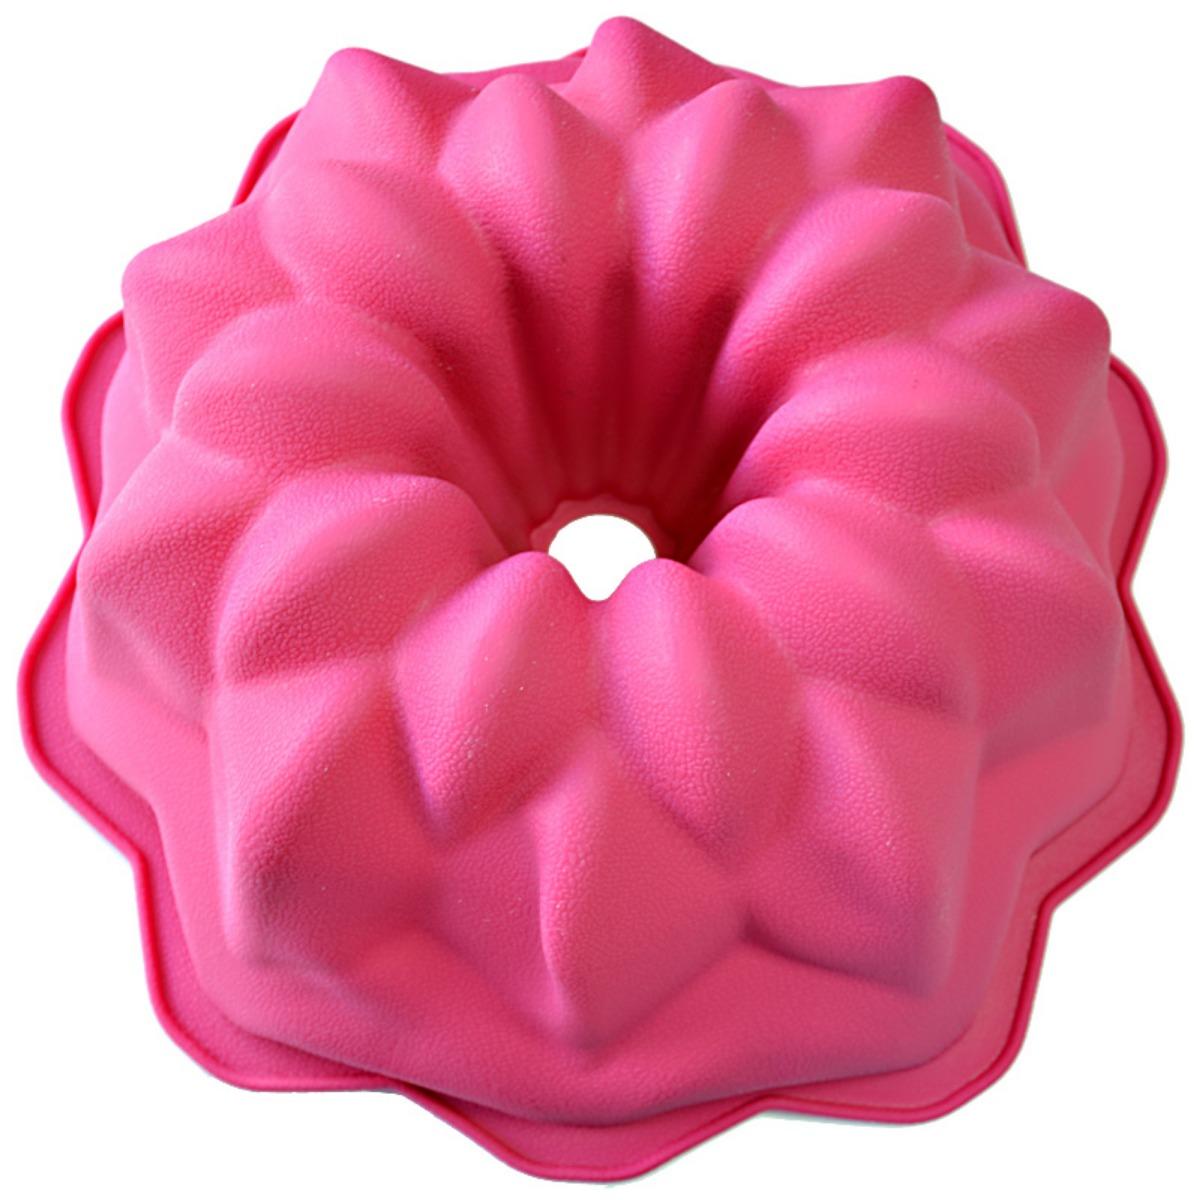 Форма для выпечки Marvel, цвет: розовый, диаметр 27 см форма для выпечки marvel 8786